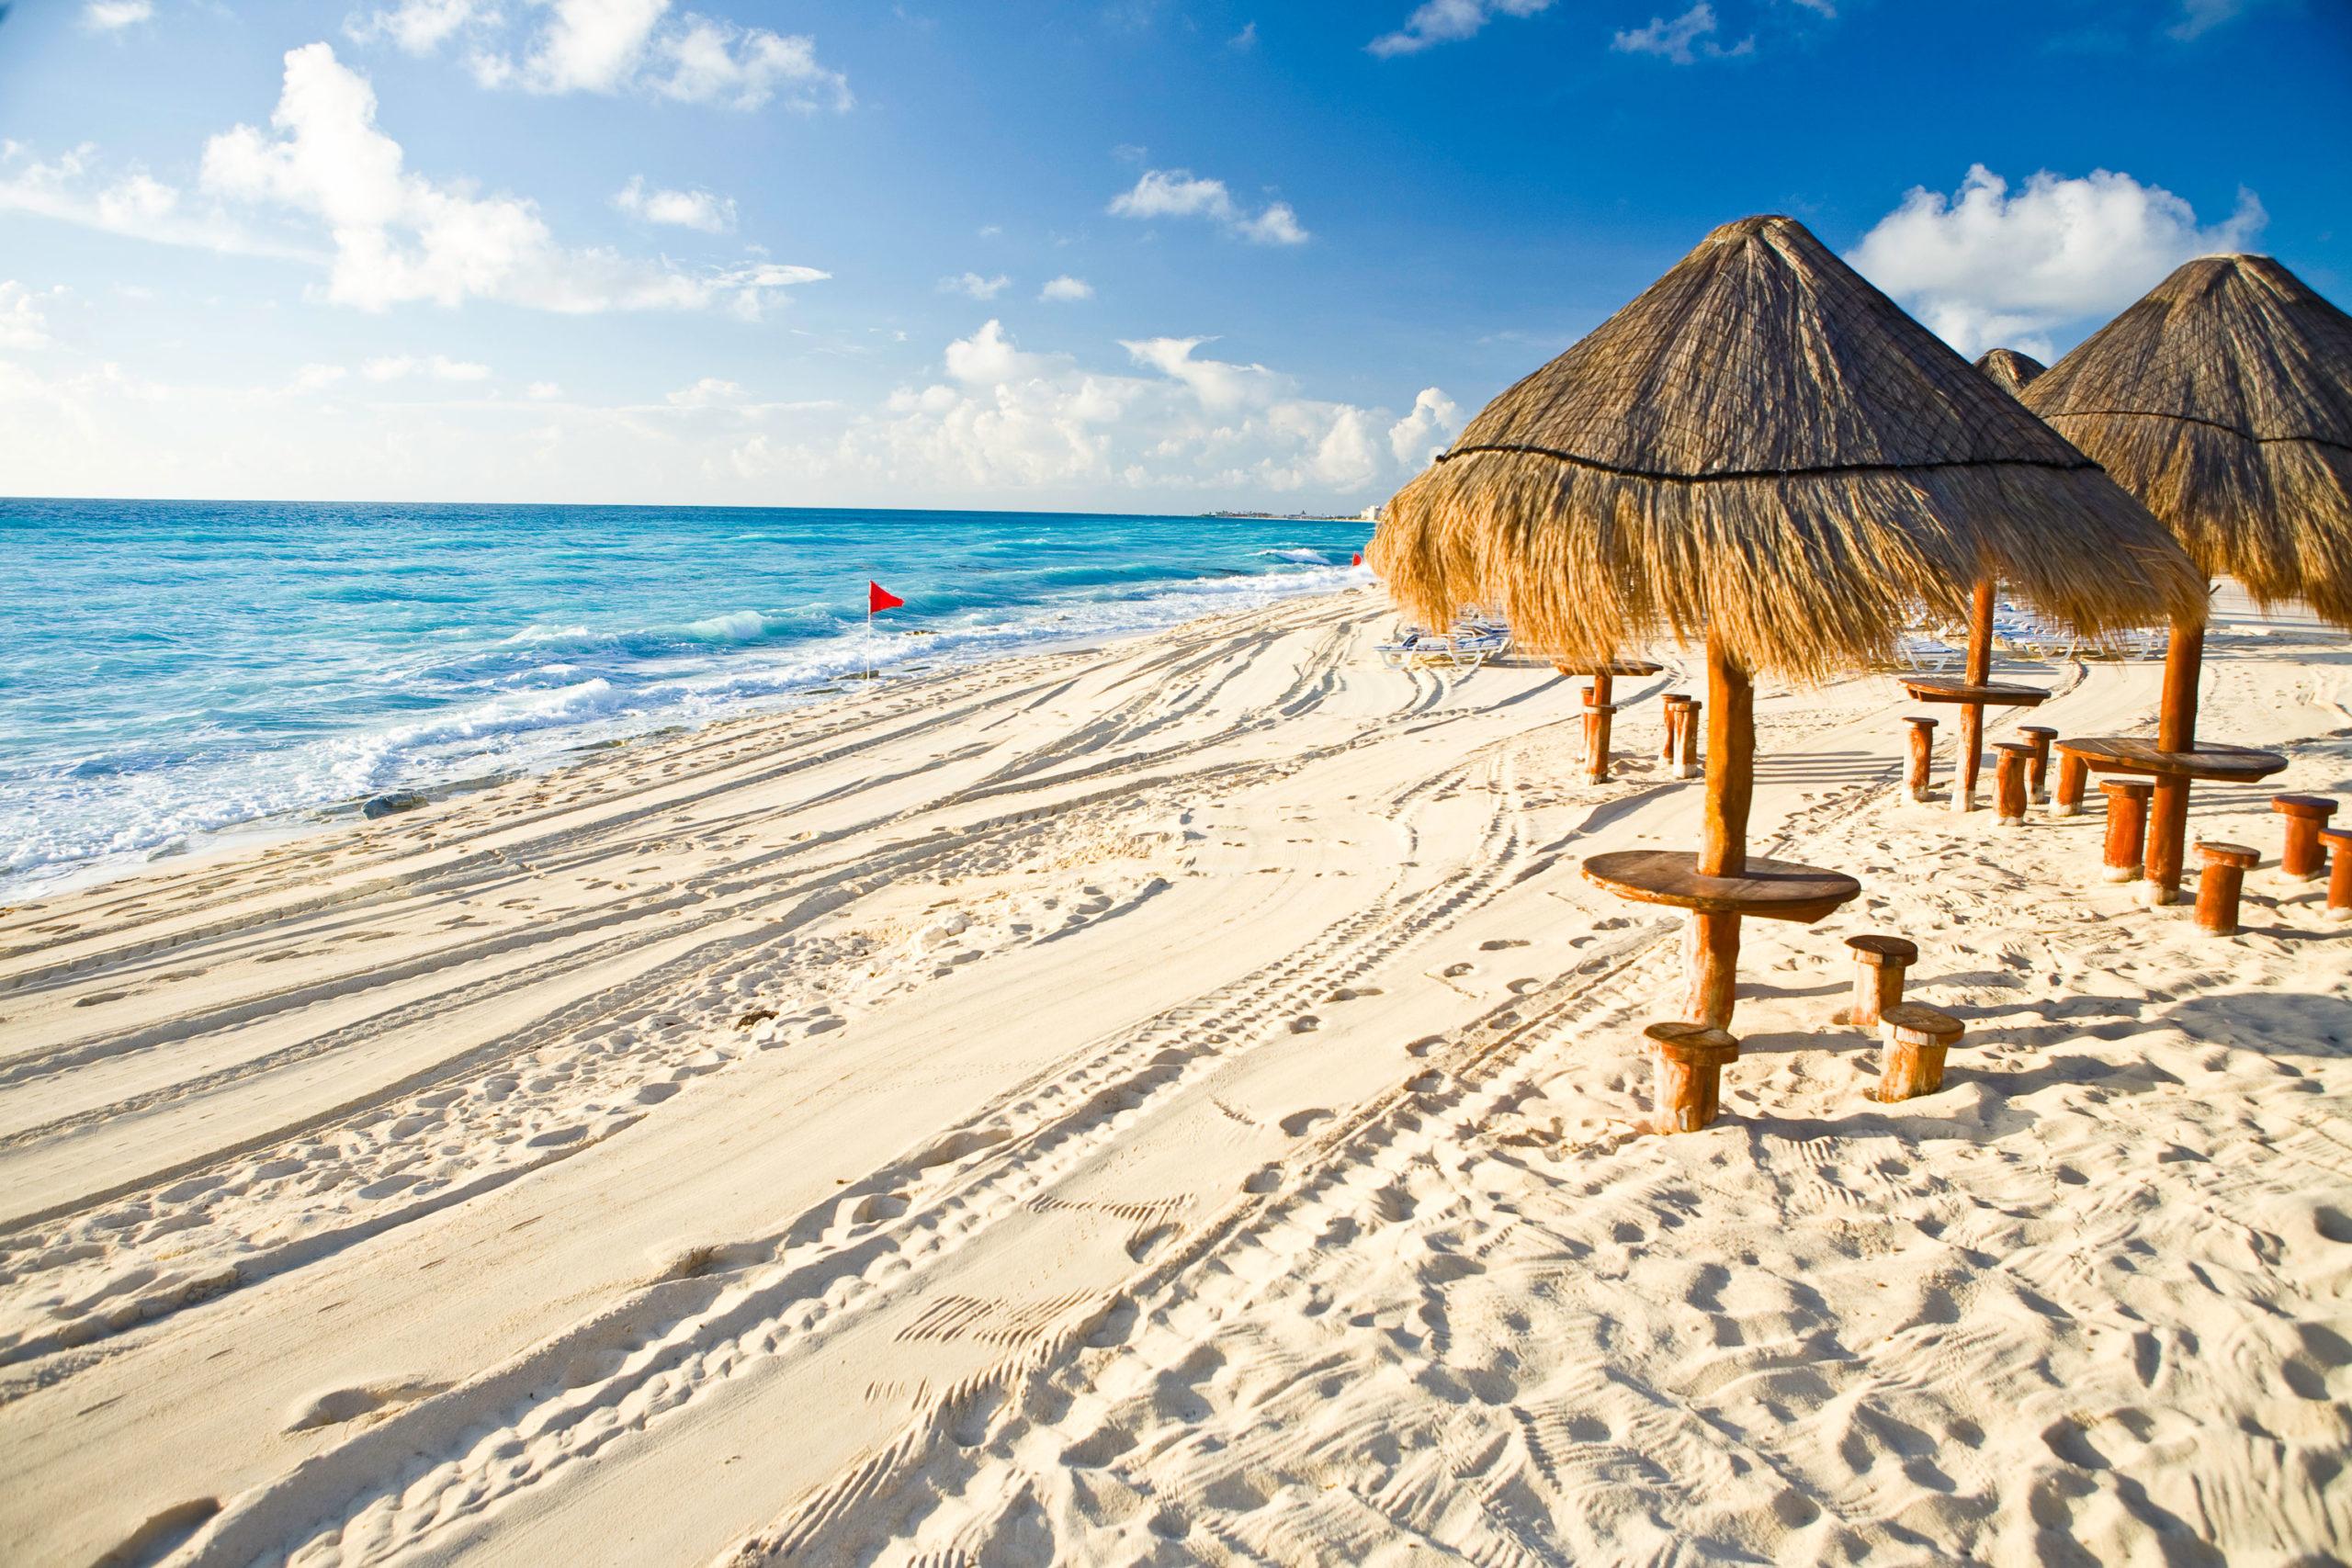 Лучший время для отдыха в Мексике или Доминикане